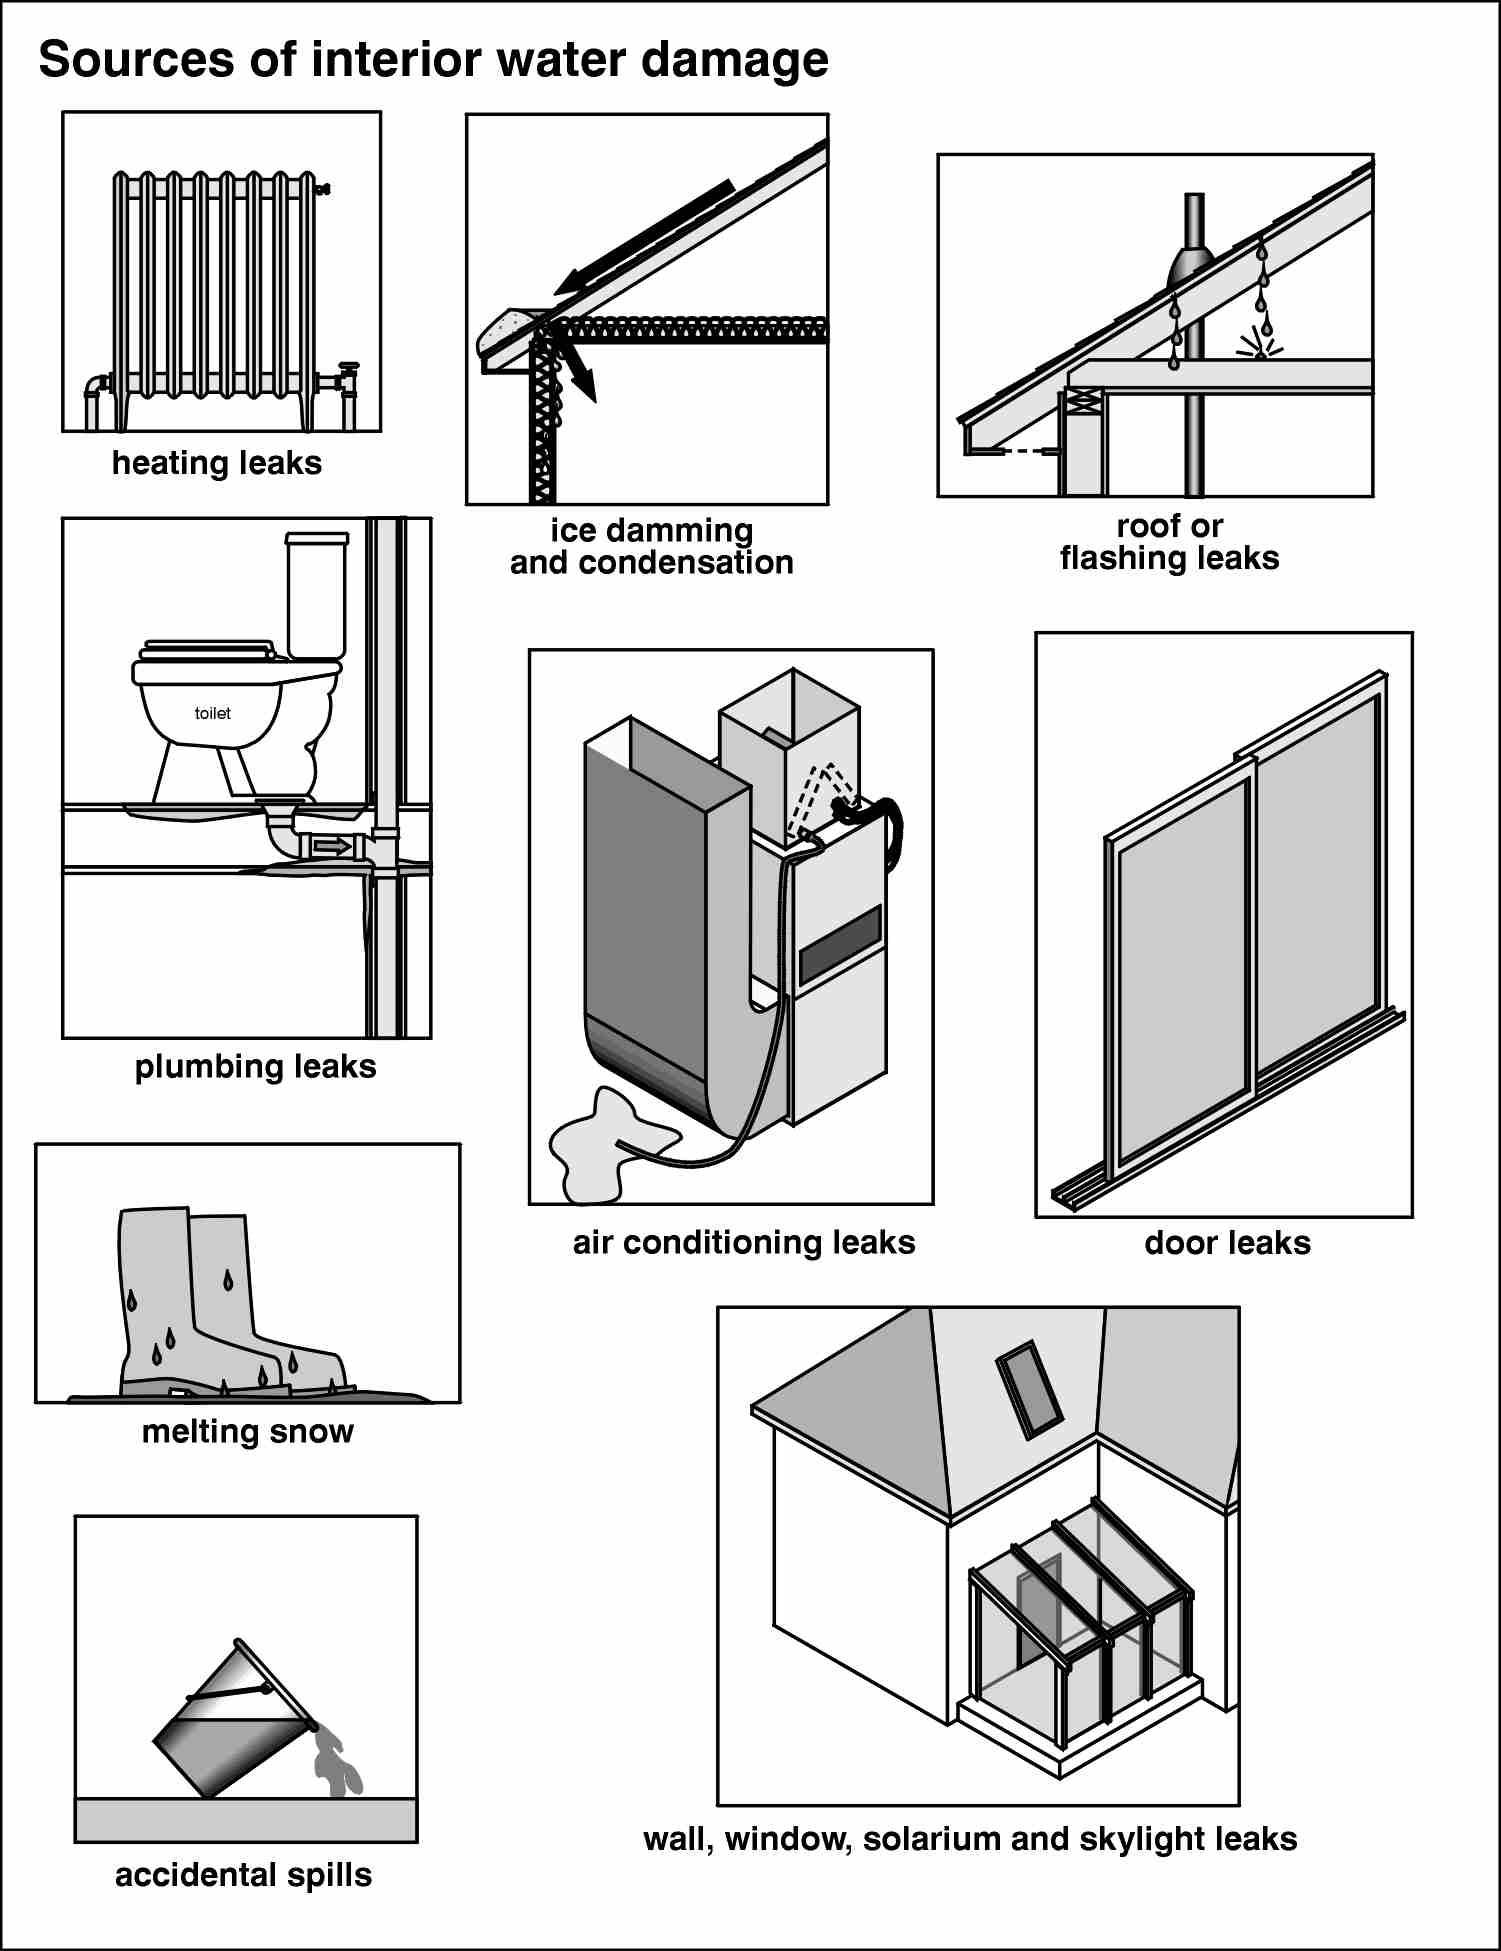 resources kitchen remodel checklist Interior Home Inspection Checklist